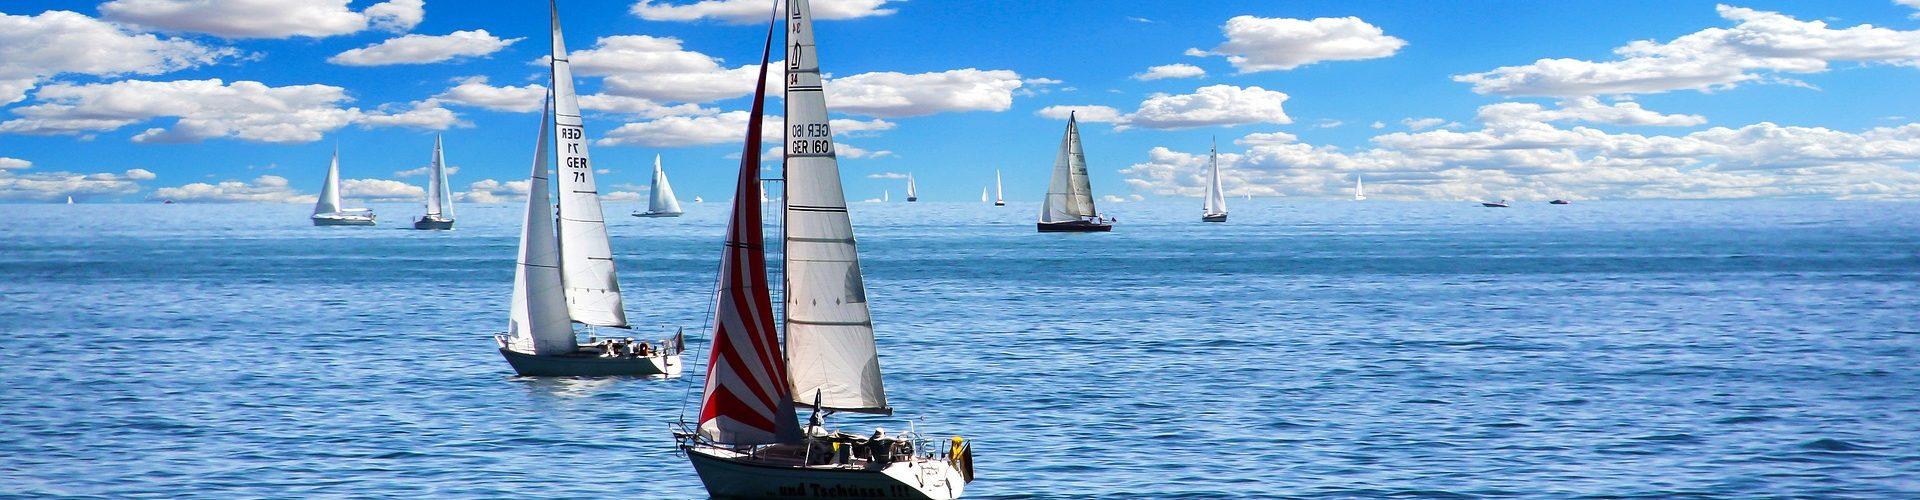 segeln lernen in Eystrup segelschein machen in Eystrup 1920x500 - Segeln lernen in Eystrup